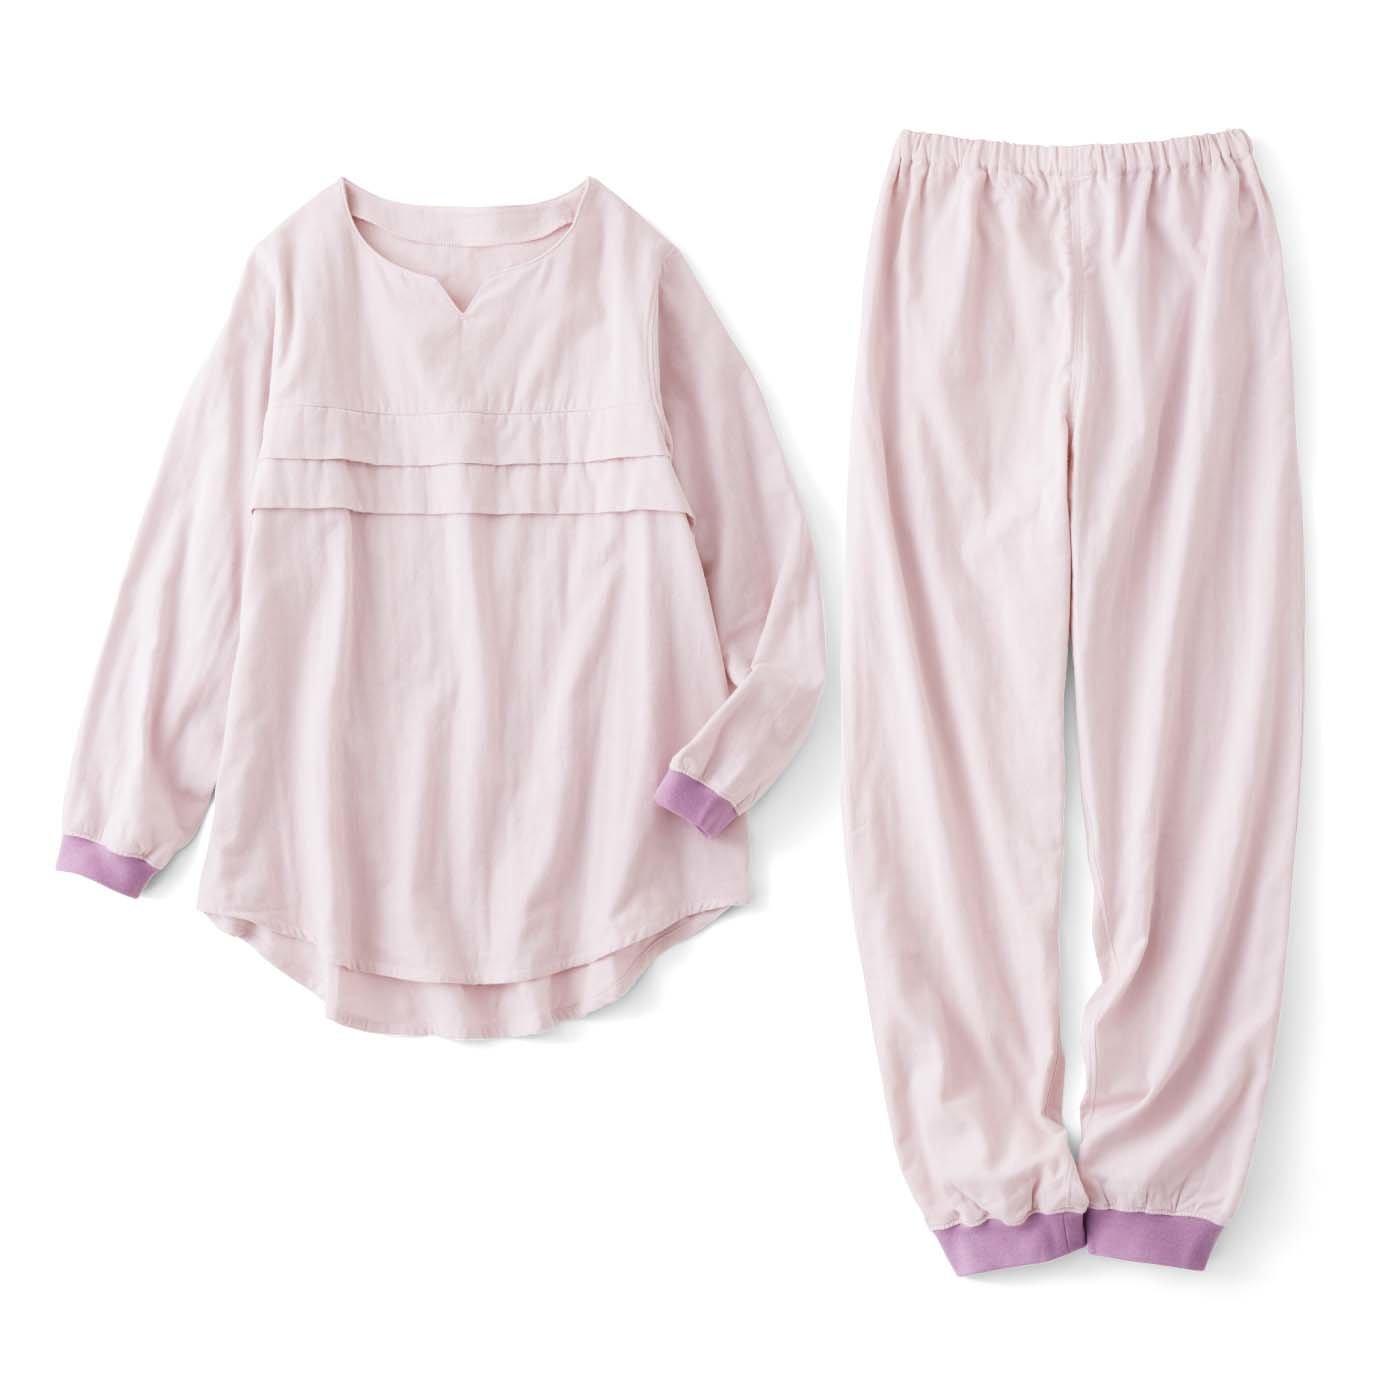 とっておきの休息タイム心地よく過ごすための綿ダブルガーゼパジャマ〈うすざくら〉